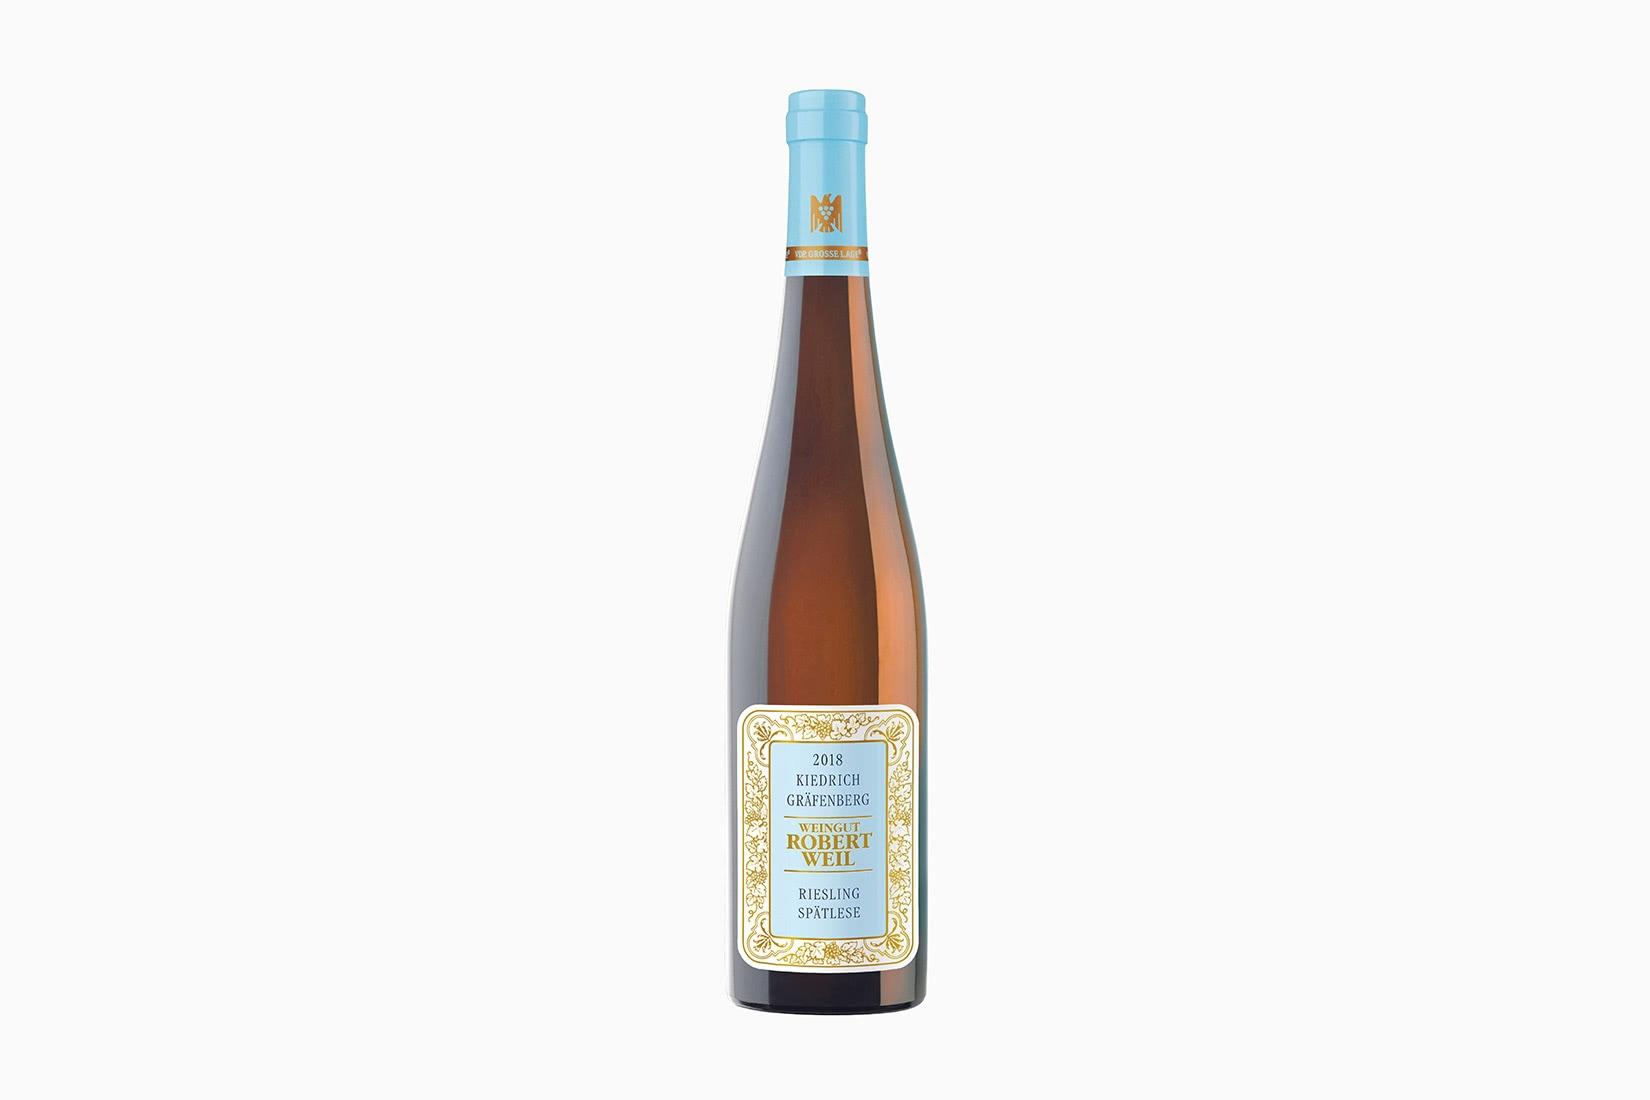 best wine robert weil kiedrich grafenberg riesling spatlese - Luxe Digital